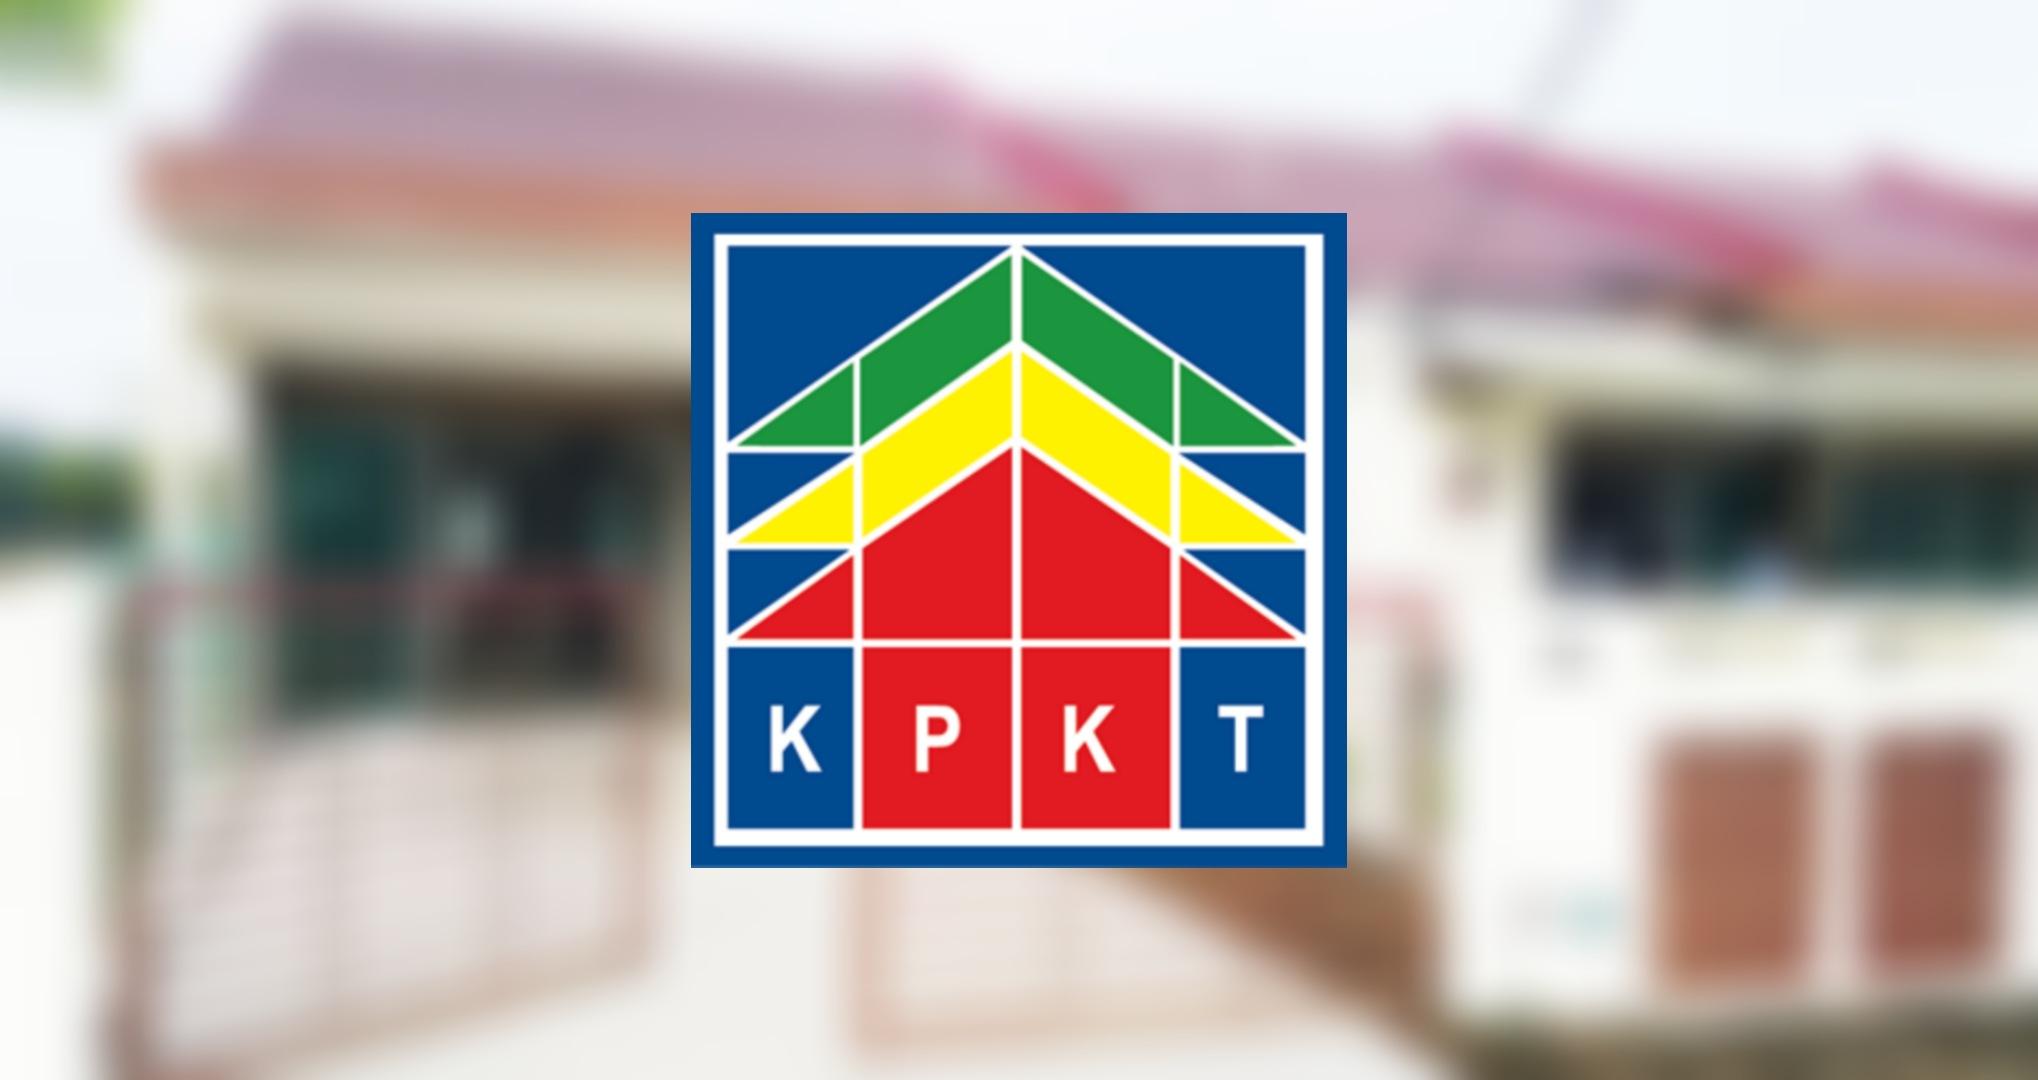 Permohonan Rumah PPR Kedah 2021 Online (Borang)